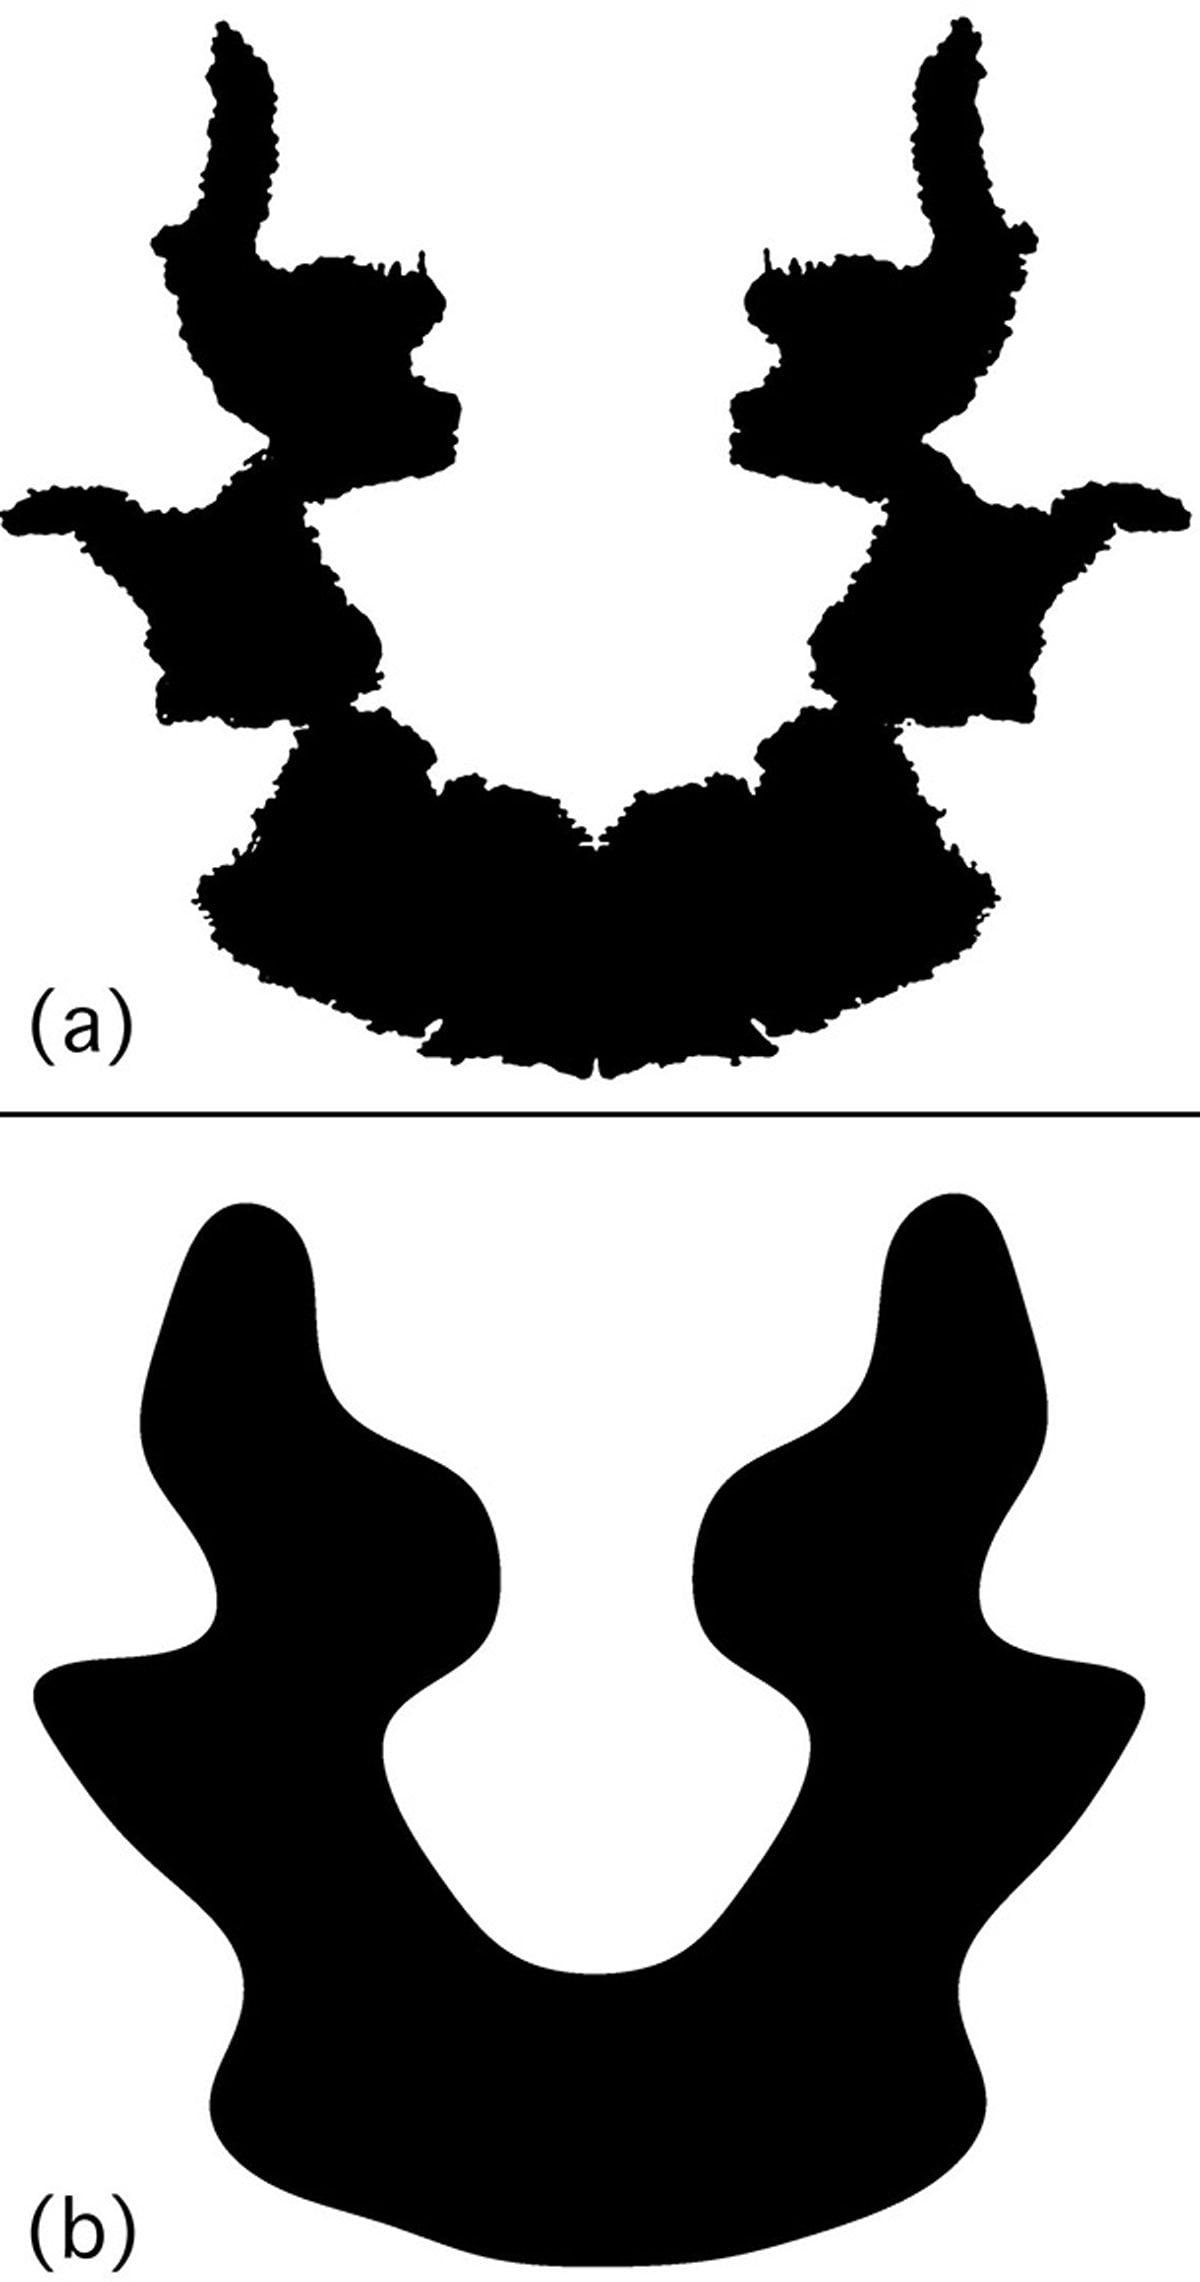 Il segreto delle macchie di rorschach - Tavole di rorschach interpretazione ...